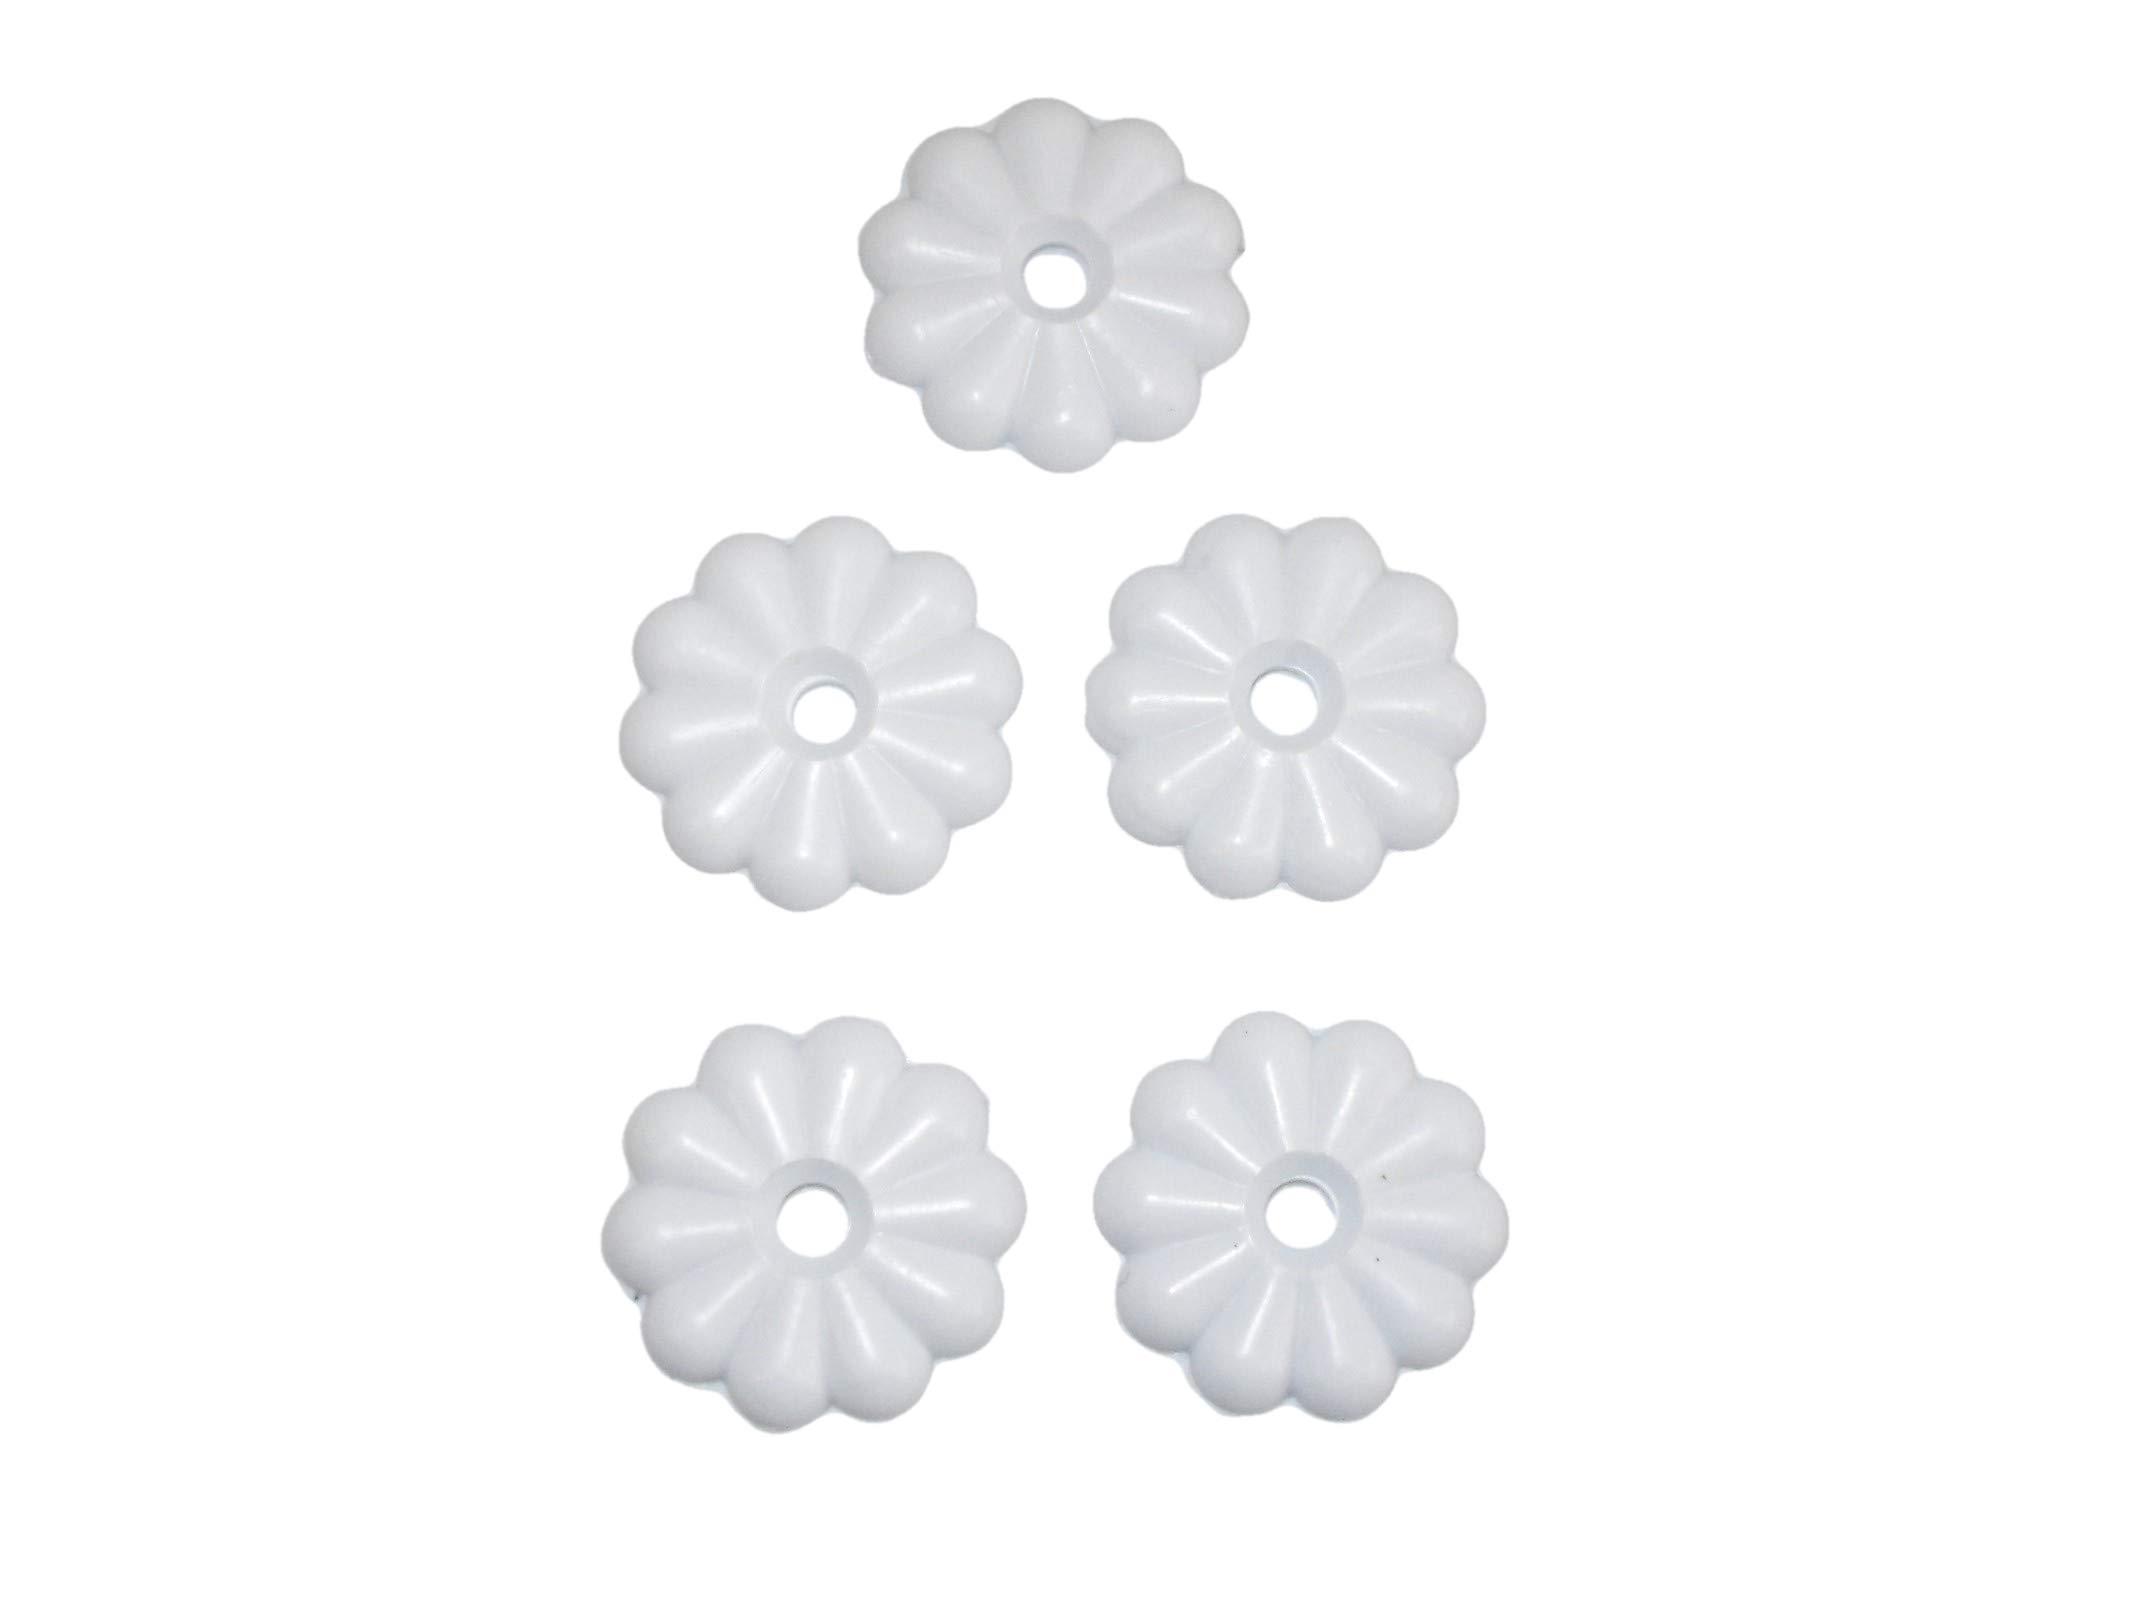 5 White Ceiling Floret Medallion Screw Washer Cover Rosettes Mobile Home RV